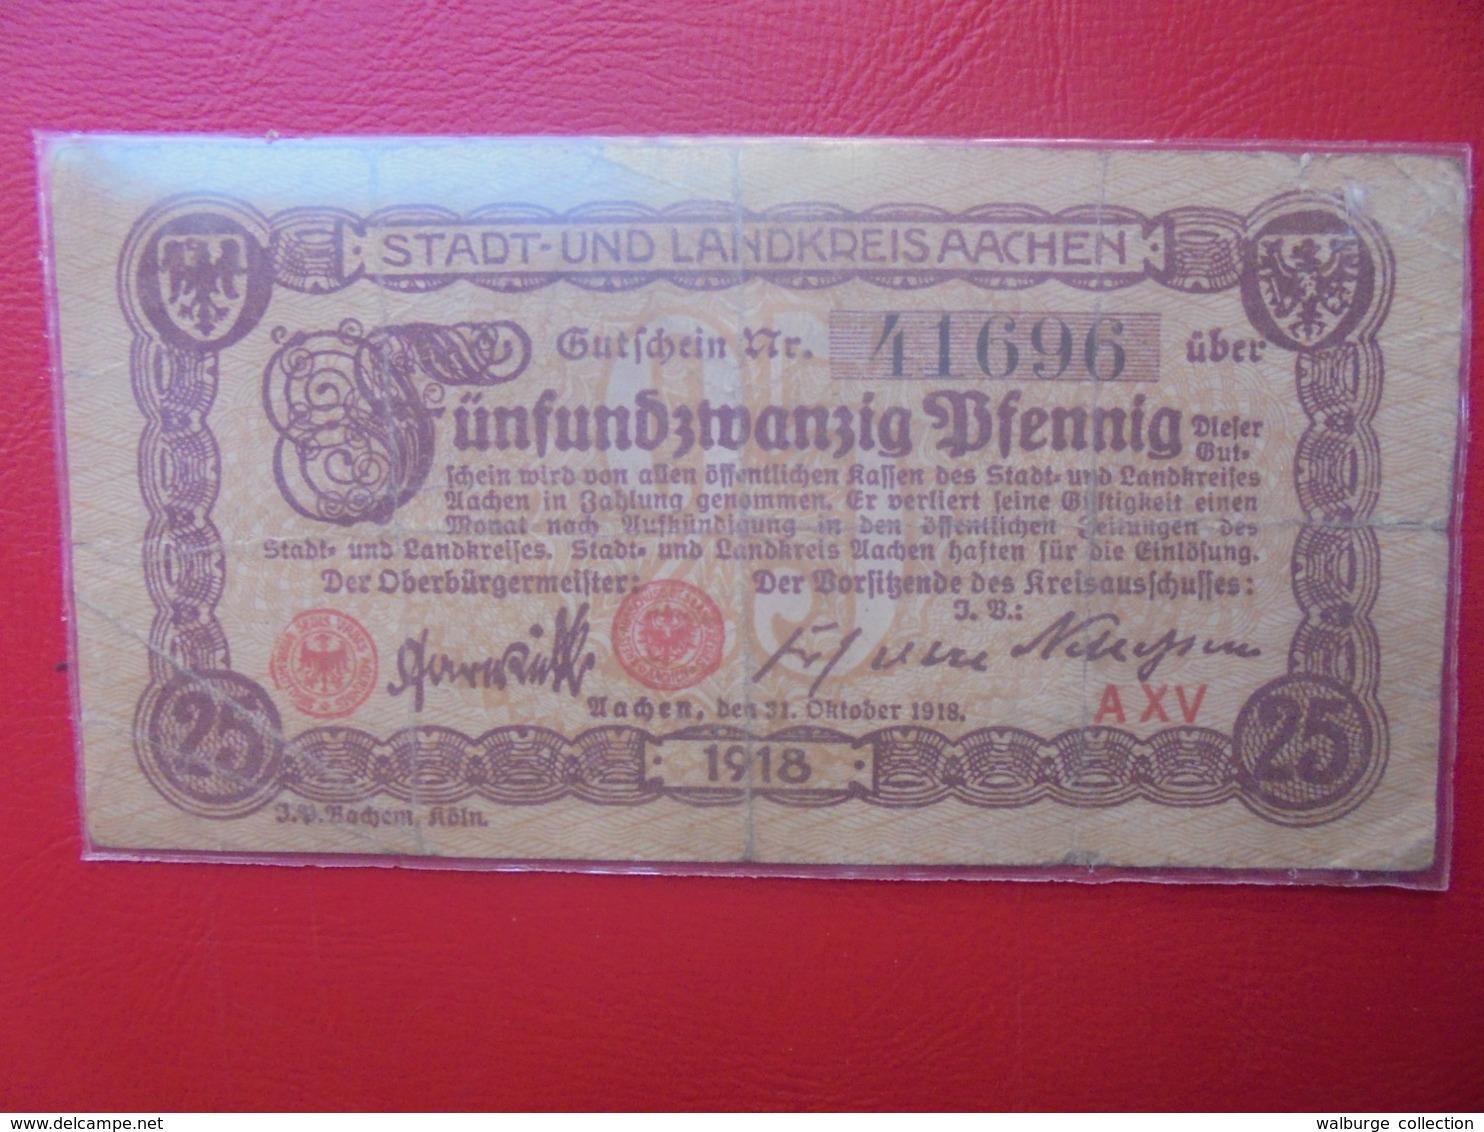 Aachen 25 PFENNIG 1918 CIRCULER - [ 2] 1871-1918 : Impero Tedesco